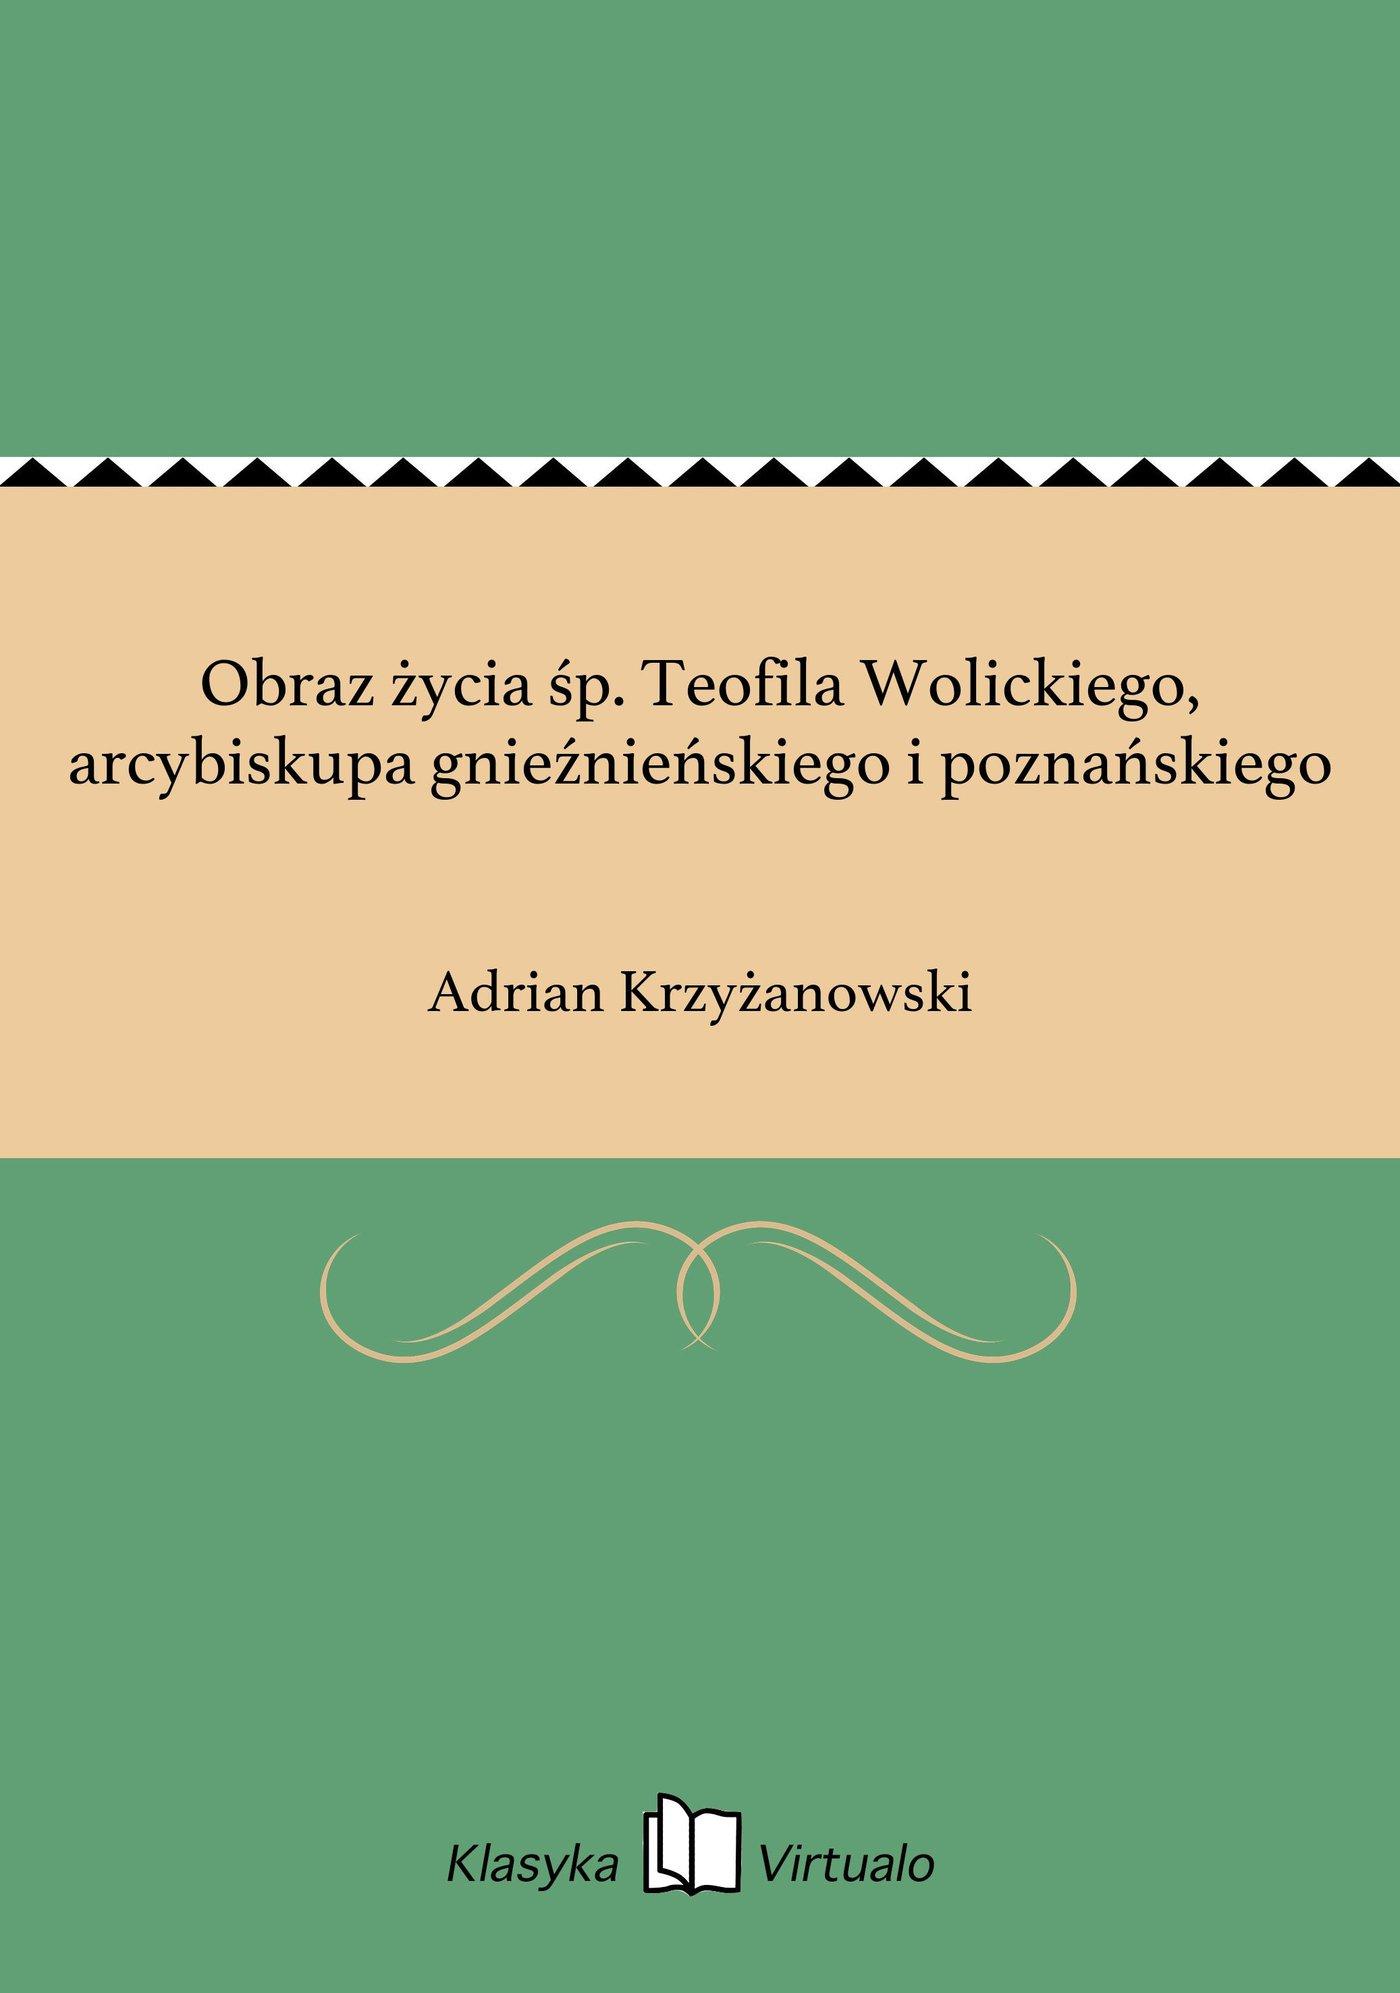 Obraz życia śp. Teofila Wolickiego, arcybiskupa gnieźnieńskiego i poznańskiego - Ebook (Książka na Kindle) do pobrania w formacie MOBI